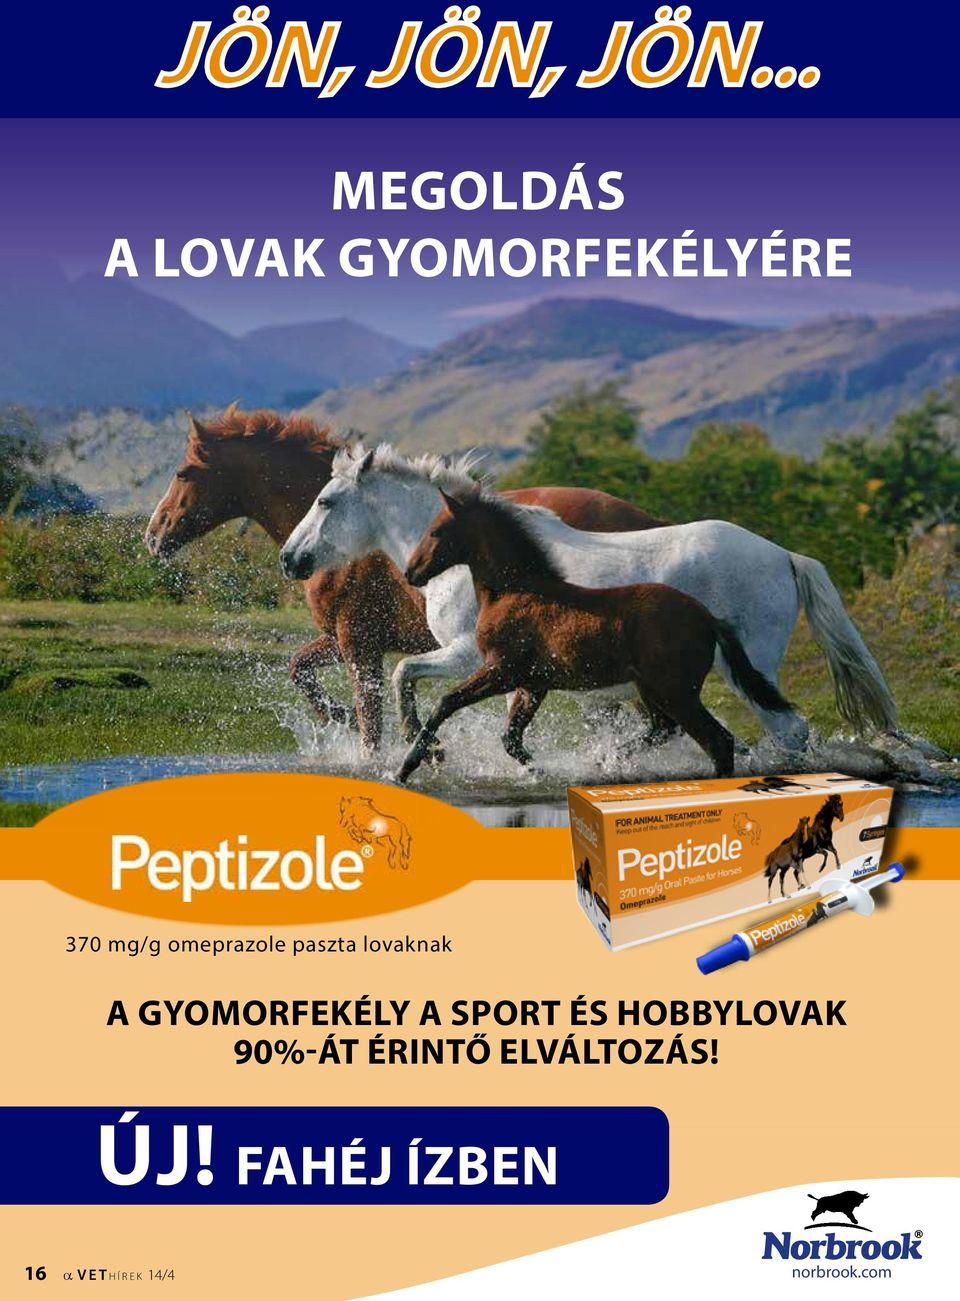 Equi-med Kft | Lovas állatorvos